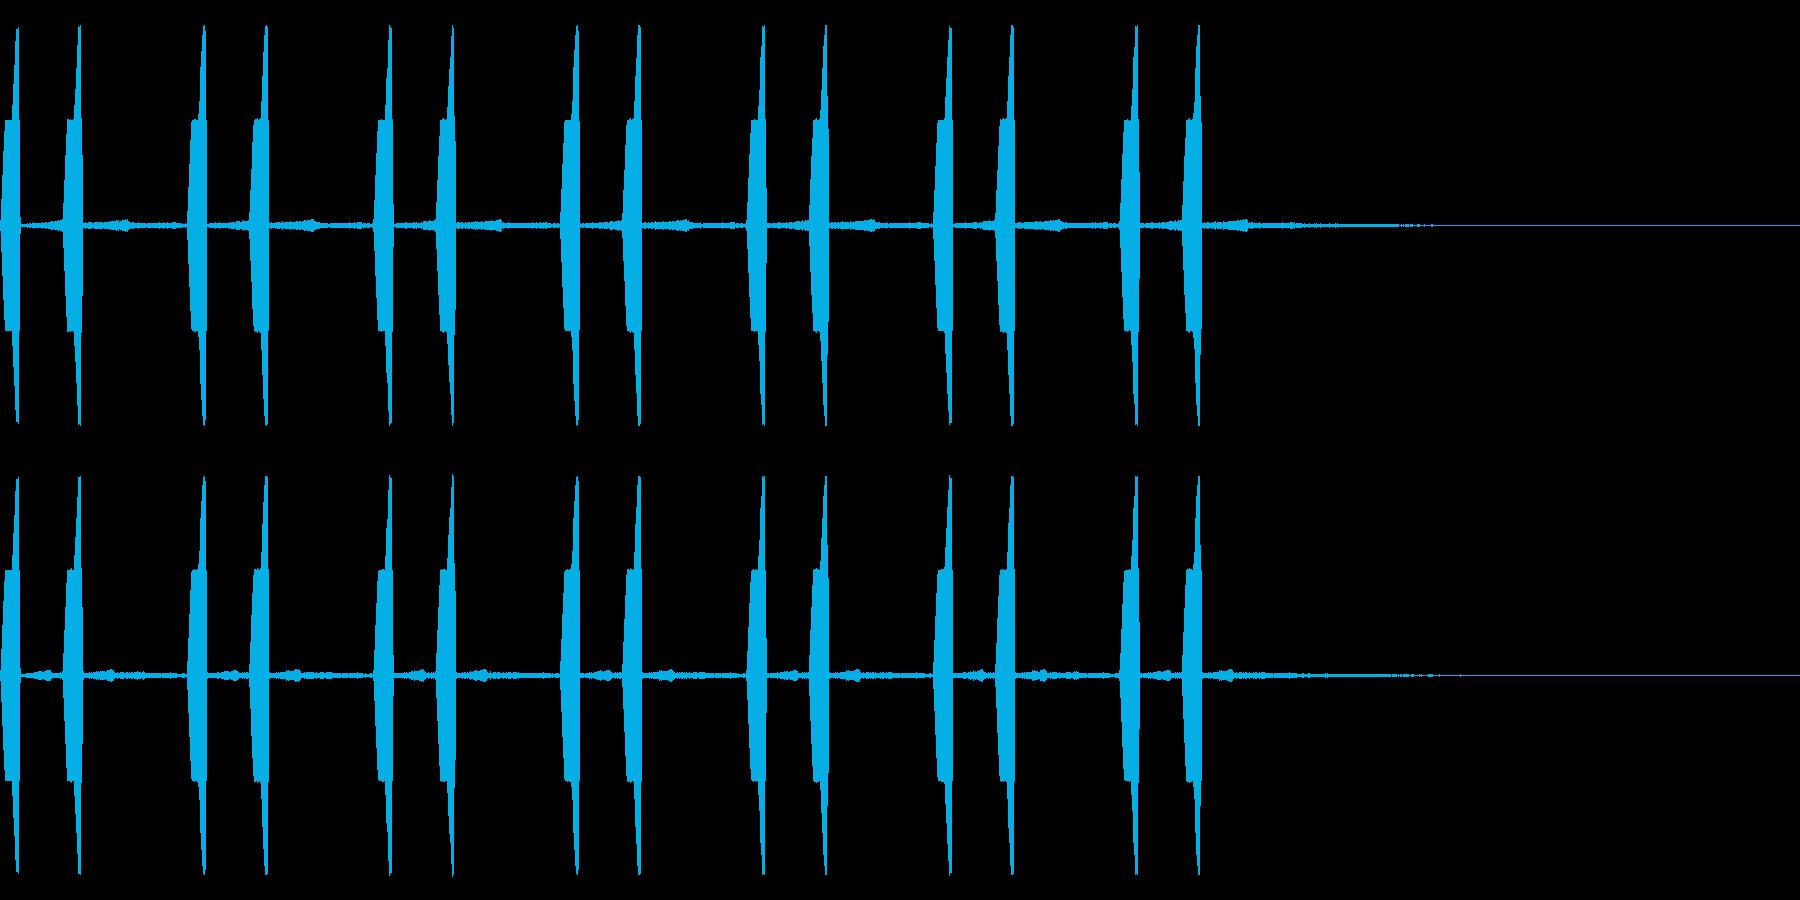 自主規制音 ひよこ ピヨピヨ の再生済みの波形